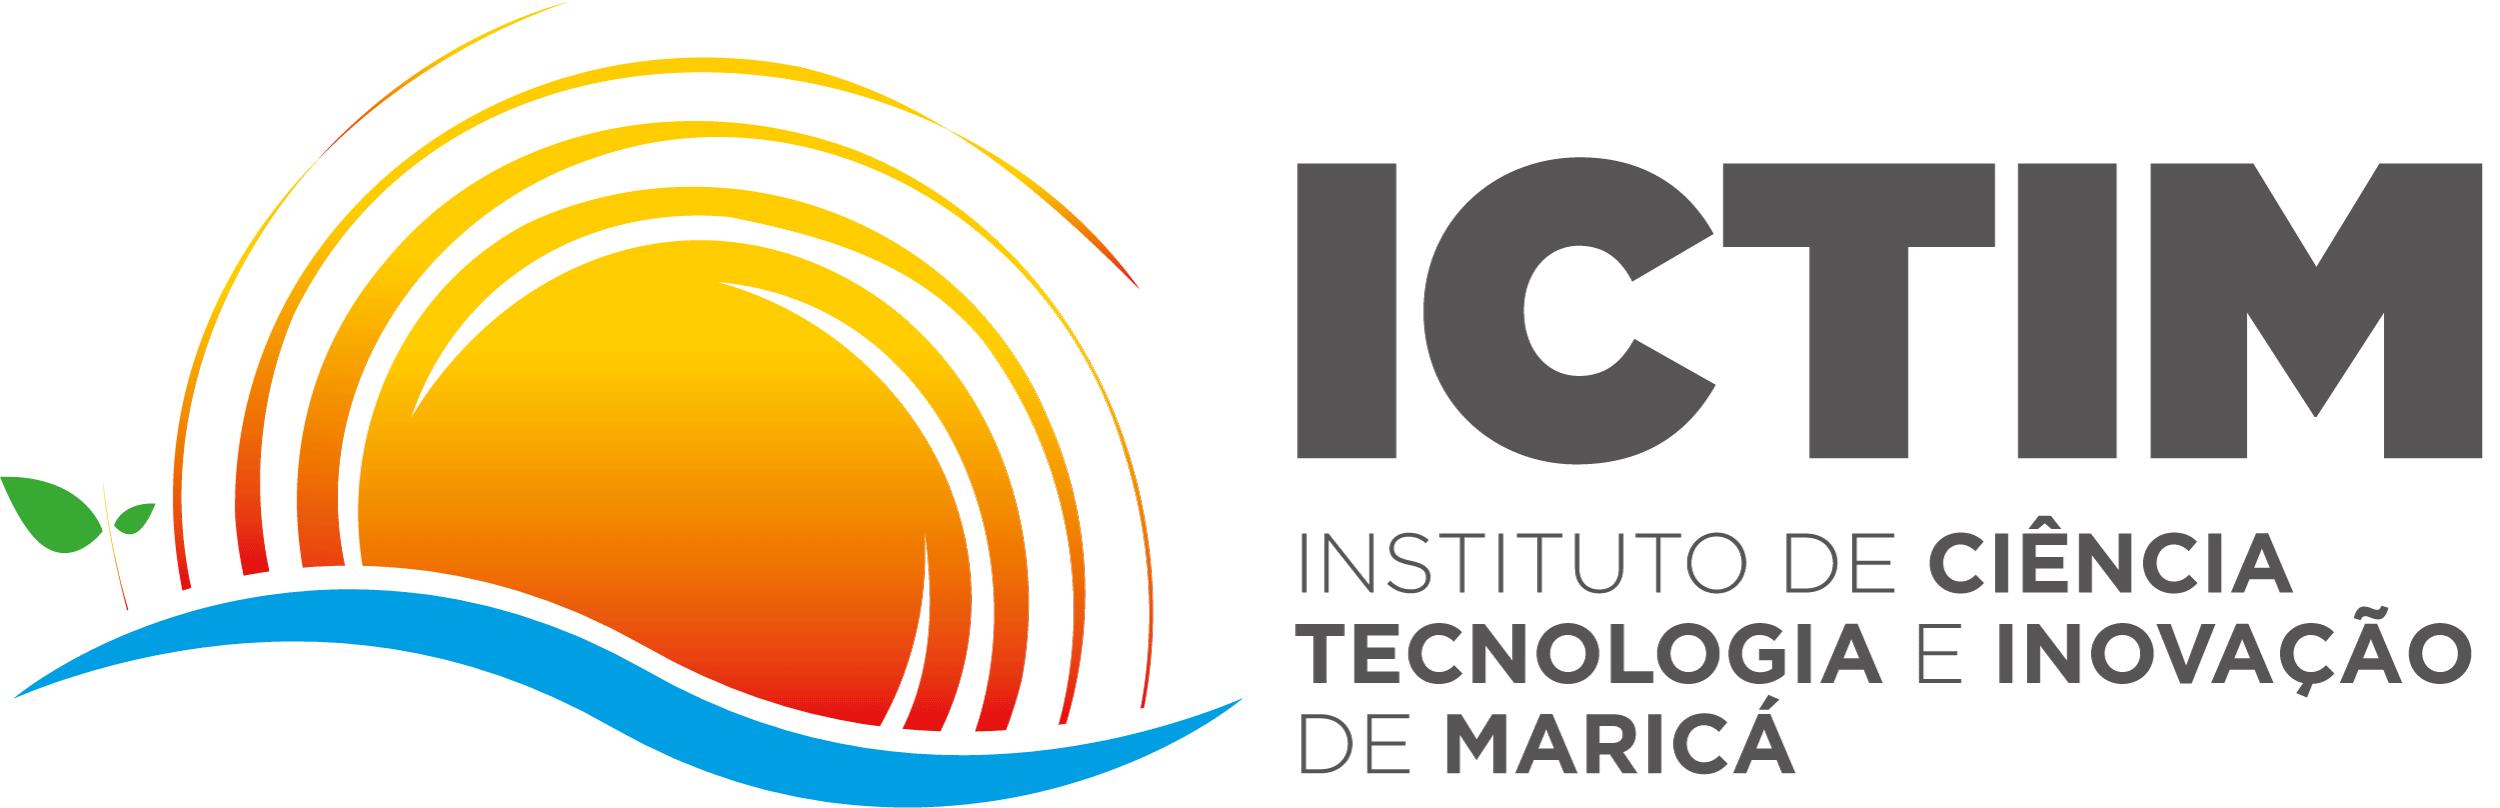 CURSO DE PARCERIAS EM CIÊNCIA, TECNOLOGIA E INOVAÇÃO: compras públicas de inovação e encomendas tecnológicas